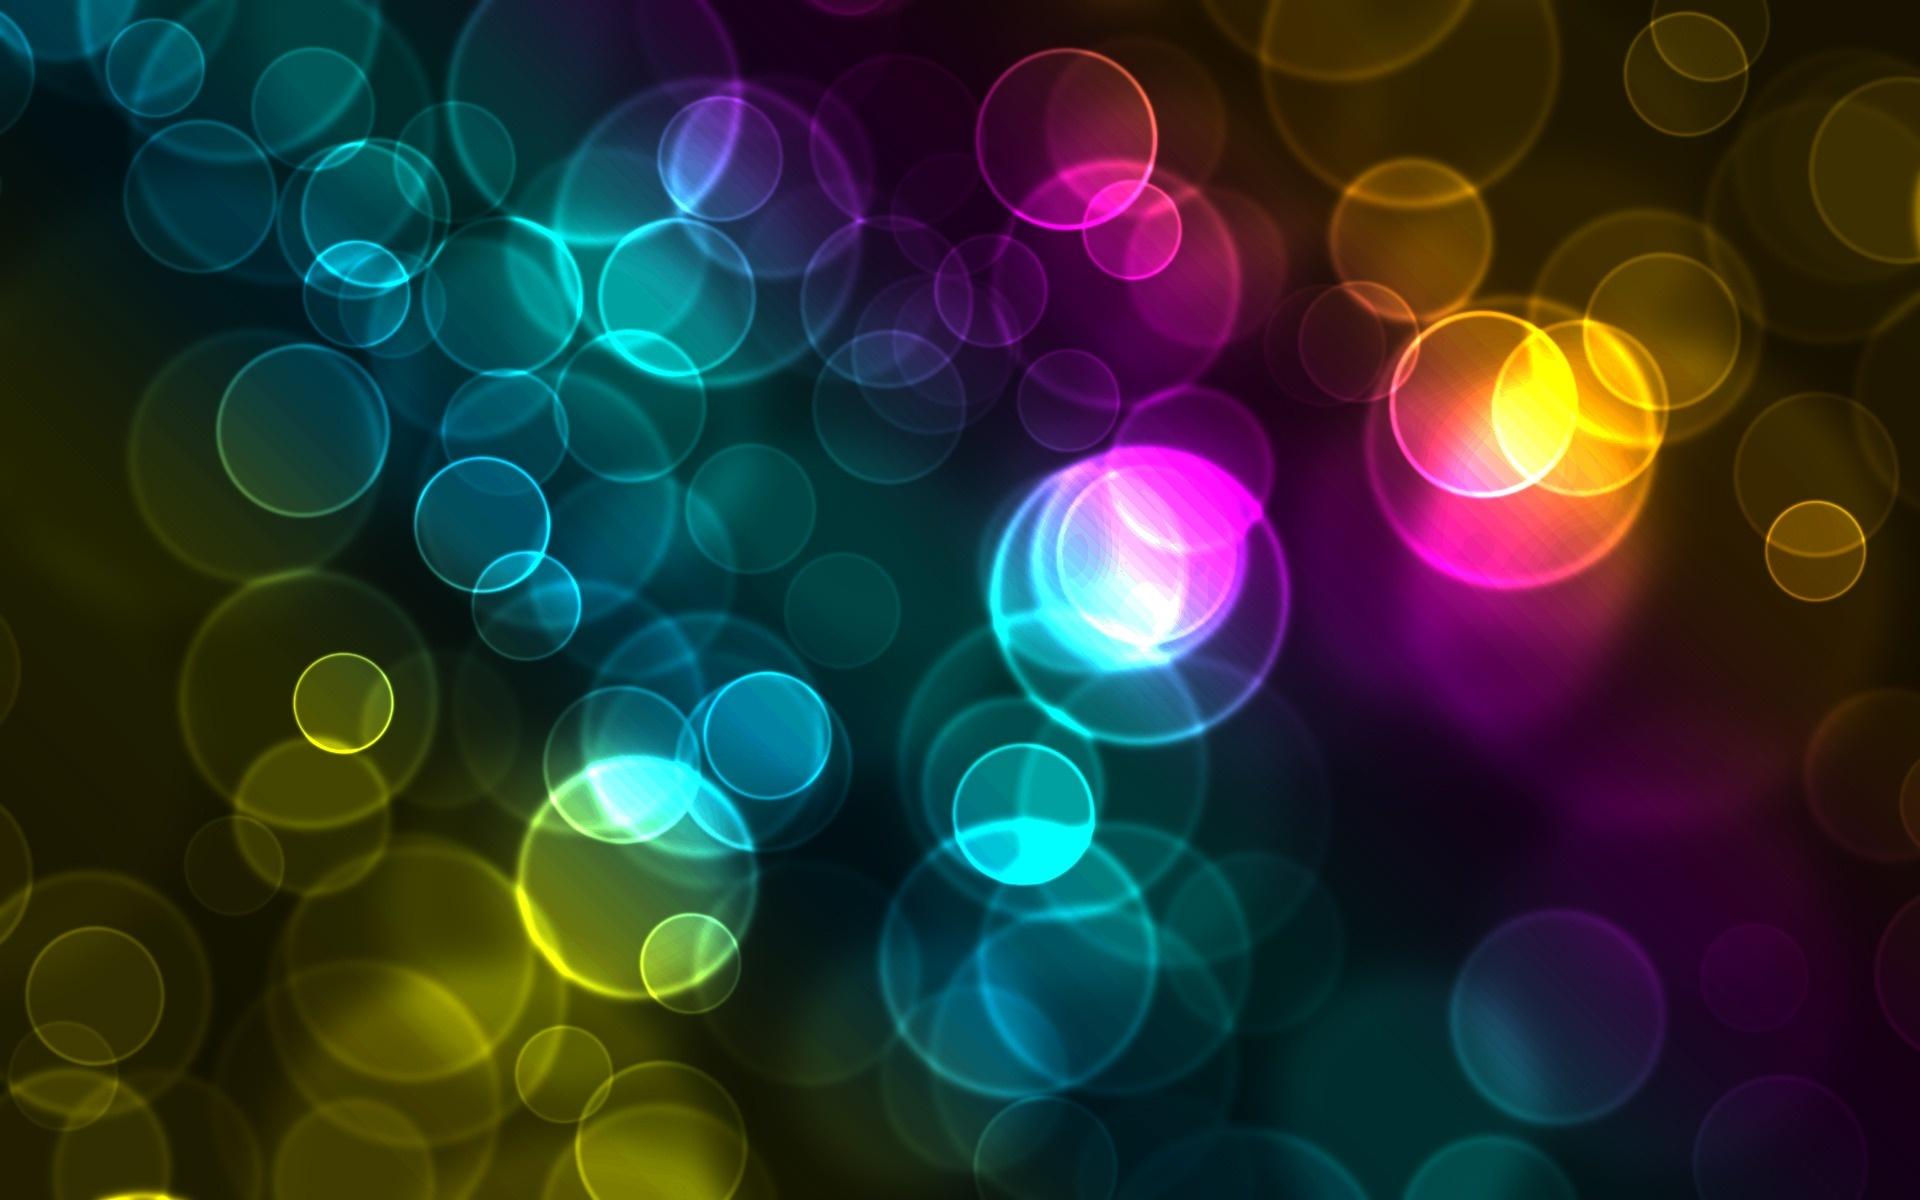 رنگارنگ